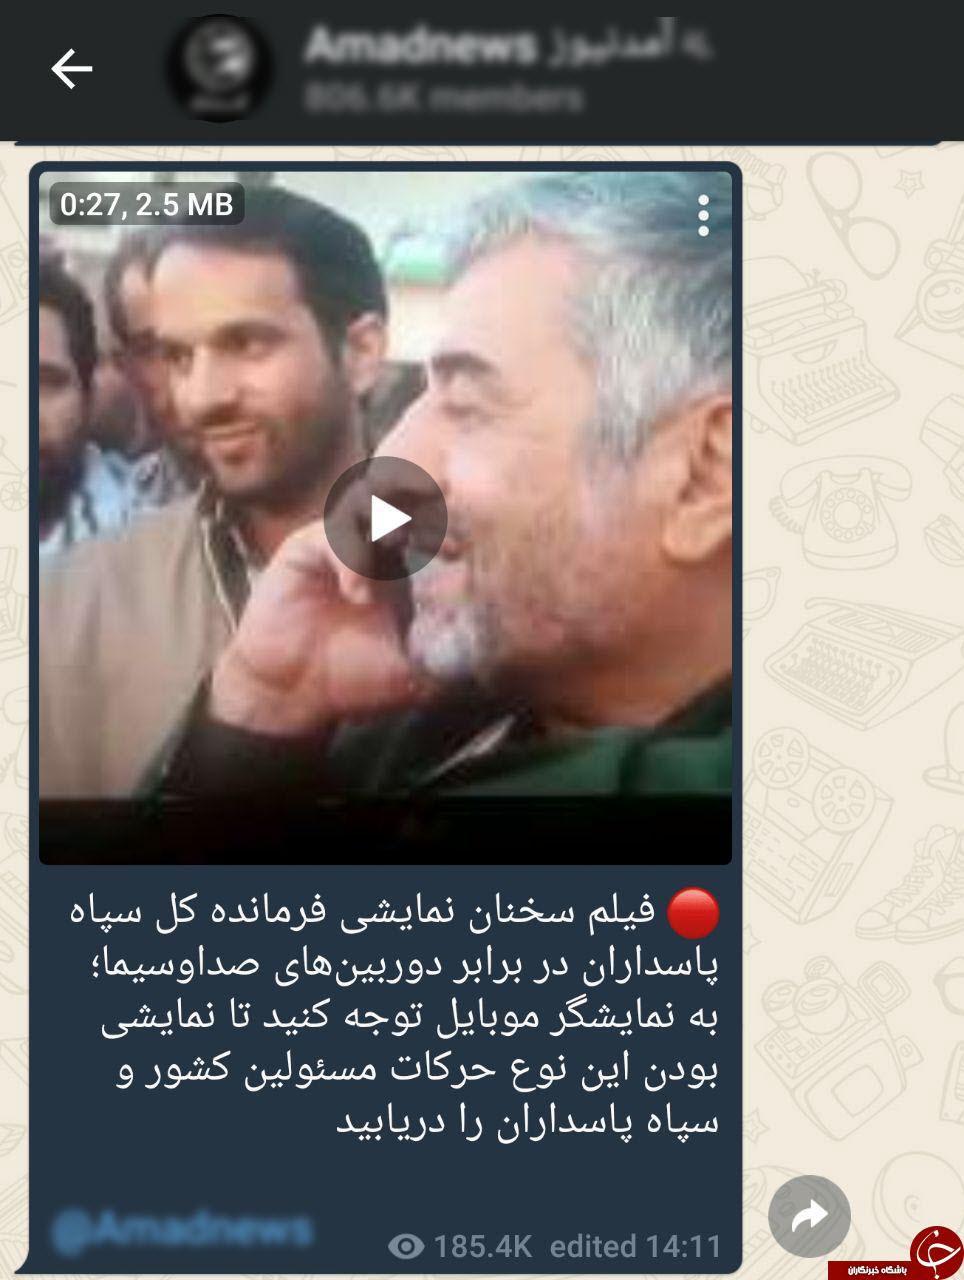 گاف بزرگ آمدنیوز درباره مکالمه تلفنی فرمانده سپاه + تصویر